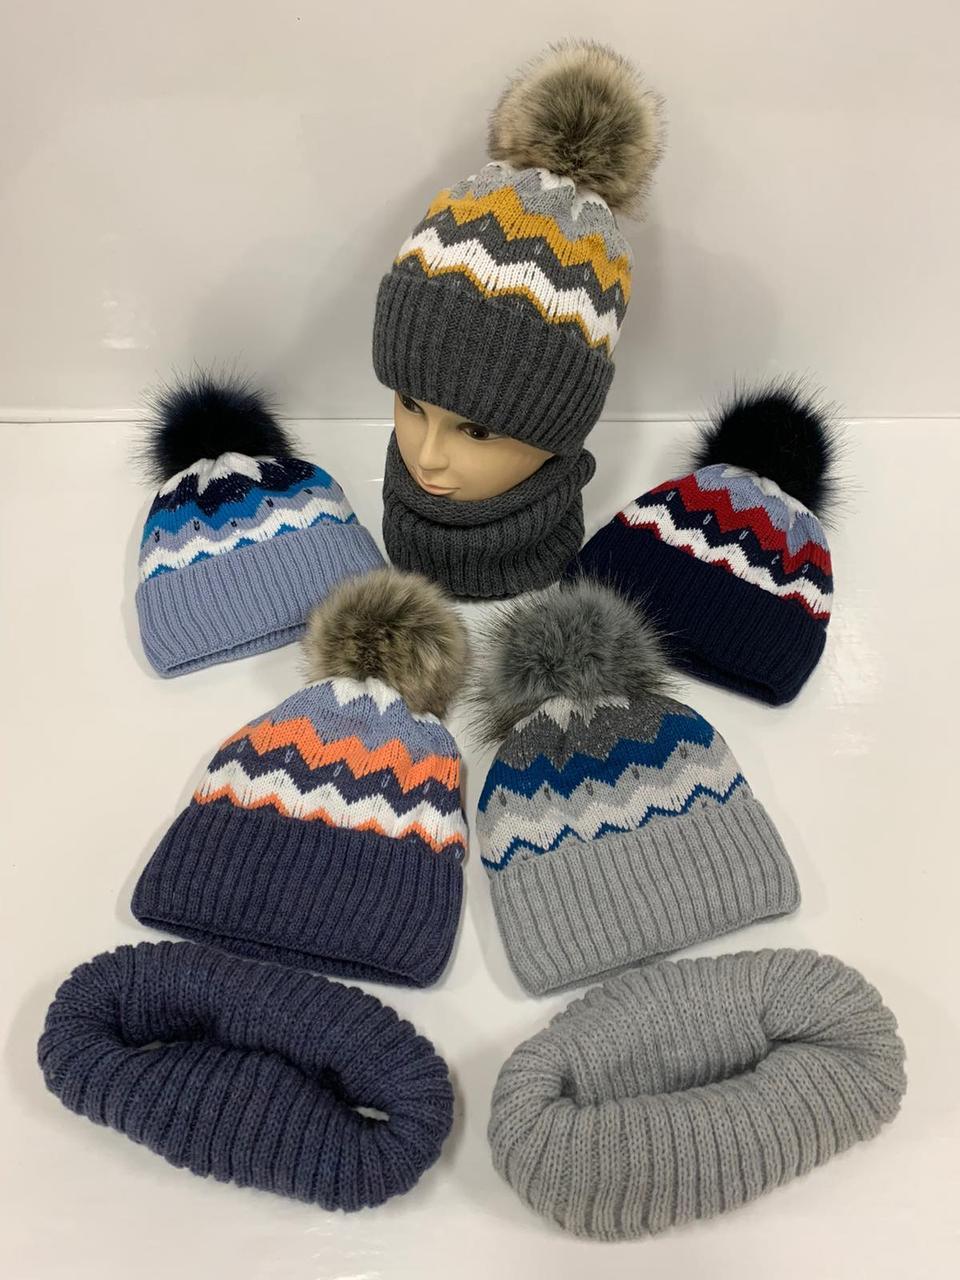 Подростковые вязаные шапки на флисе со снудом оптом для мальчиков, р.52-54, Ambra (Польша)